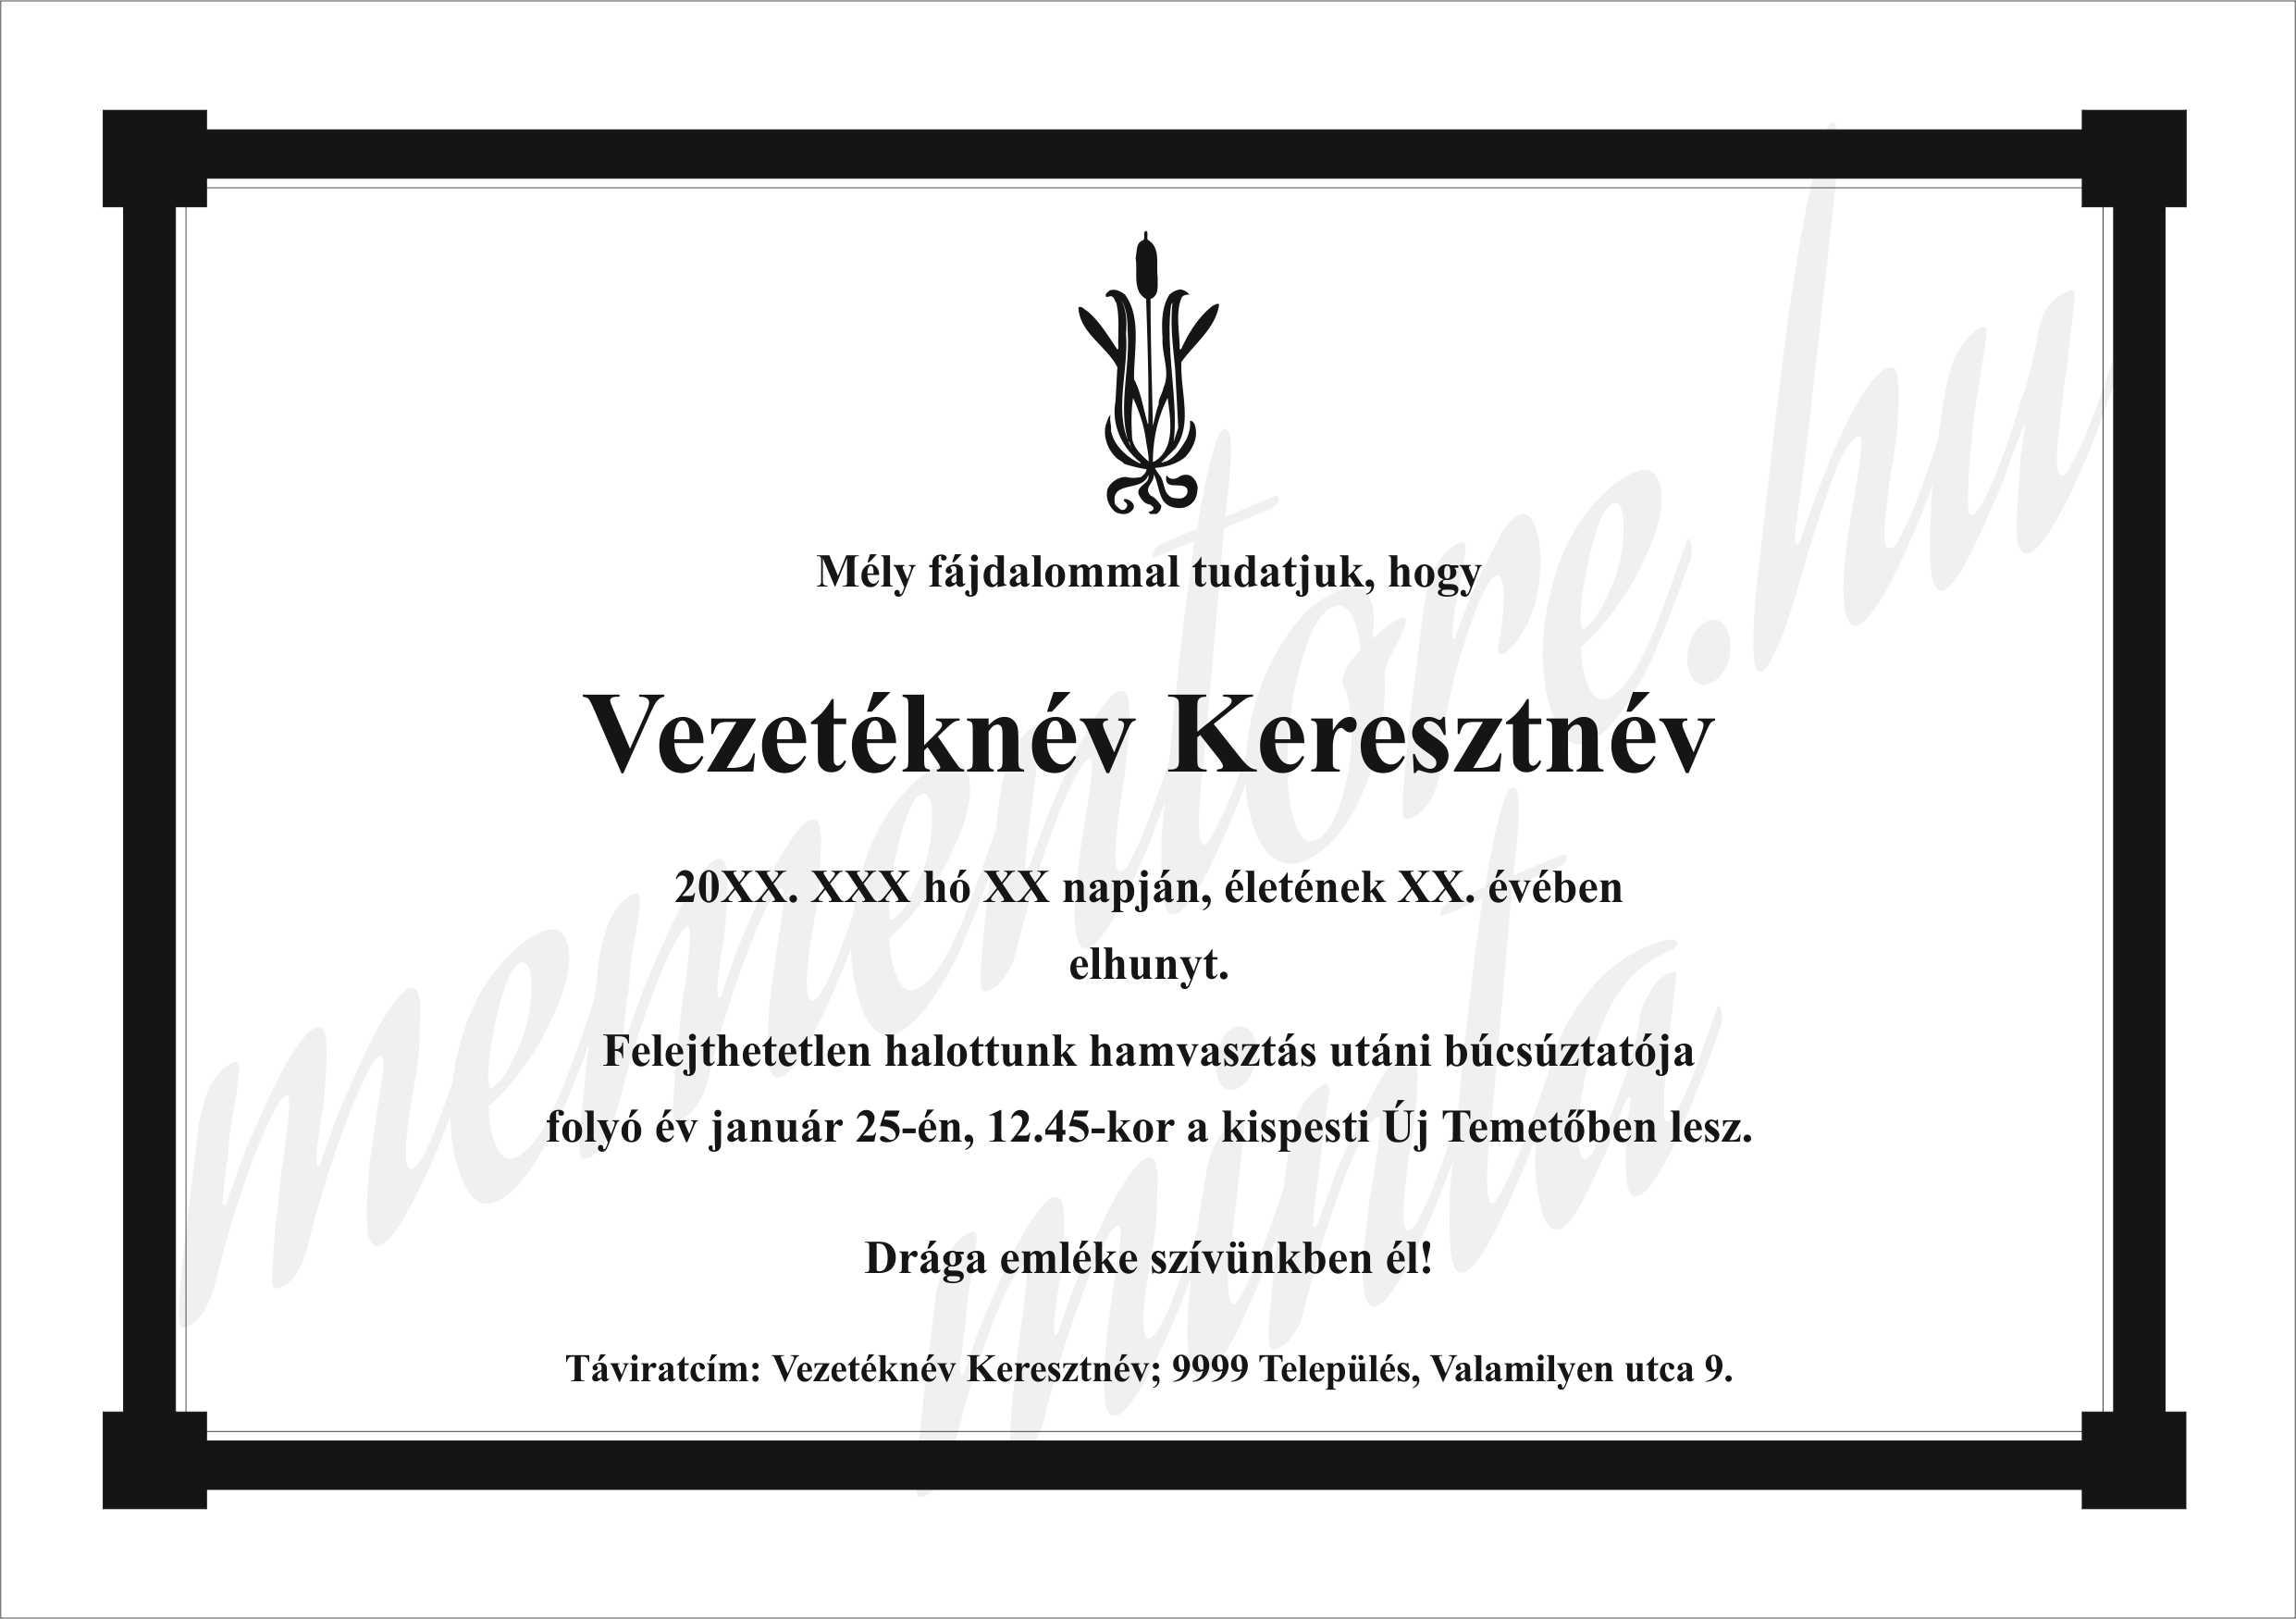 Gyaszertesito_A5020_sarkoskeret_nadszal